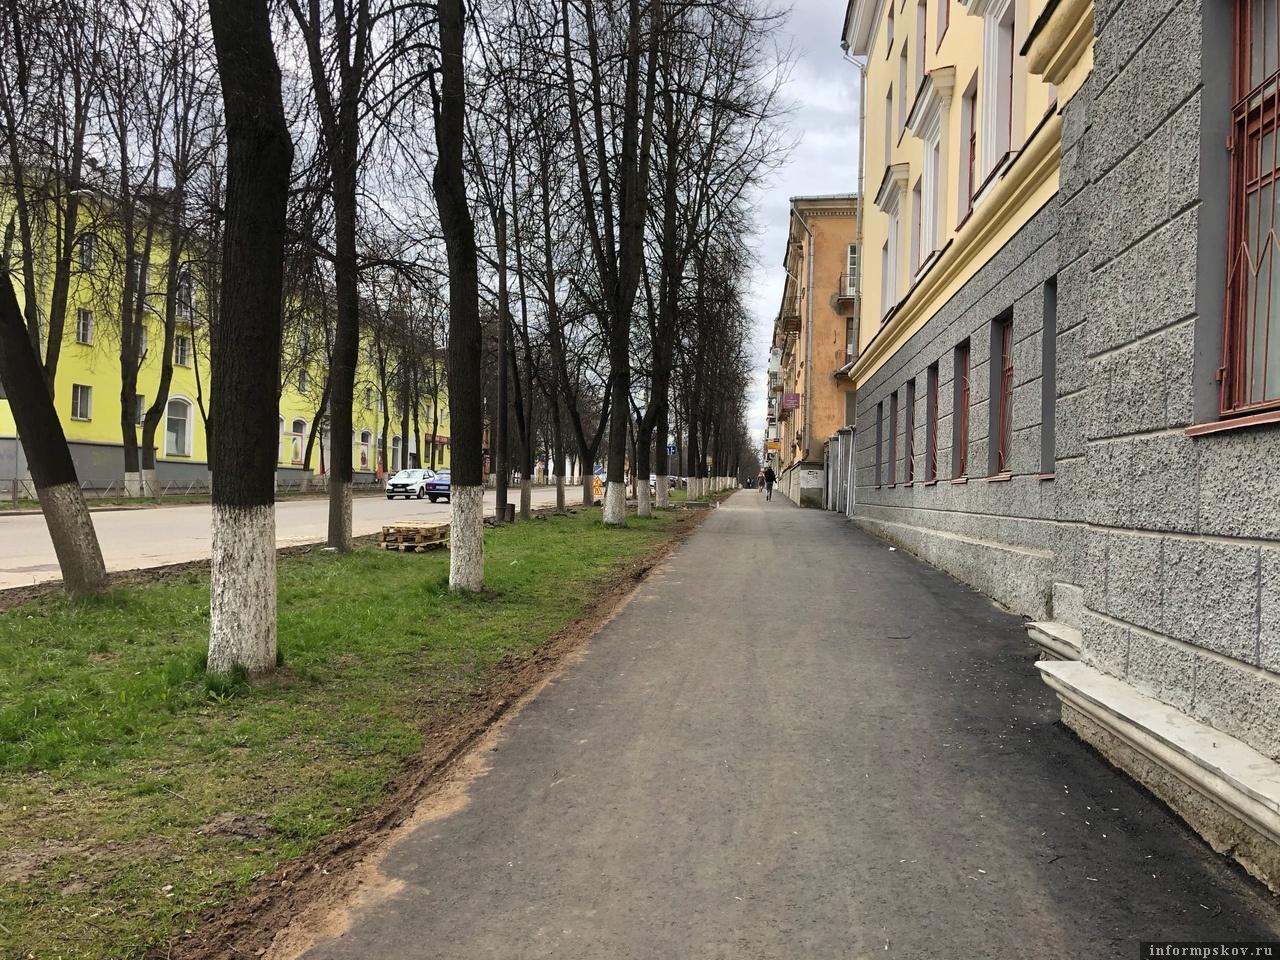 Планируется ремонтировать и тротуары в городе. Фото: газета «Великолукская правда. Новости».